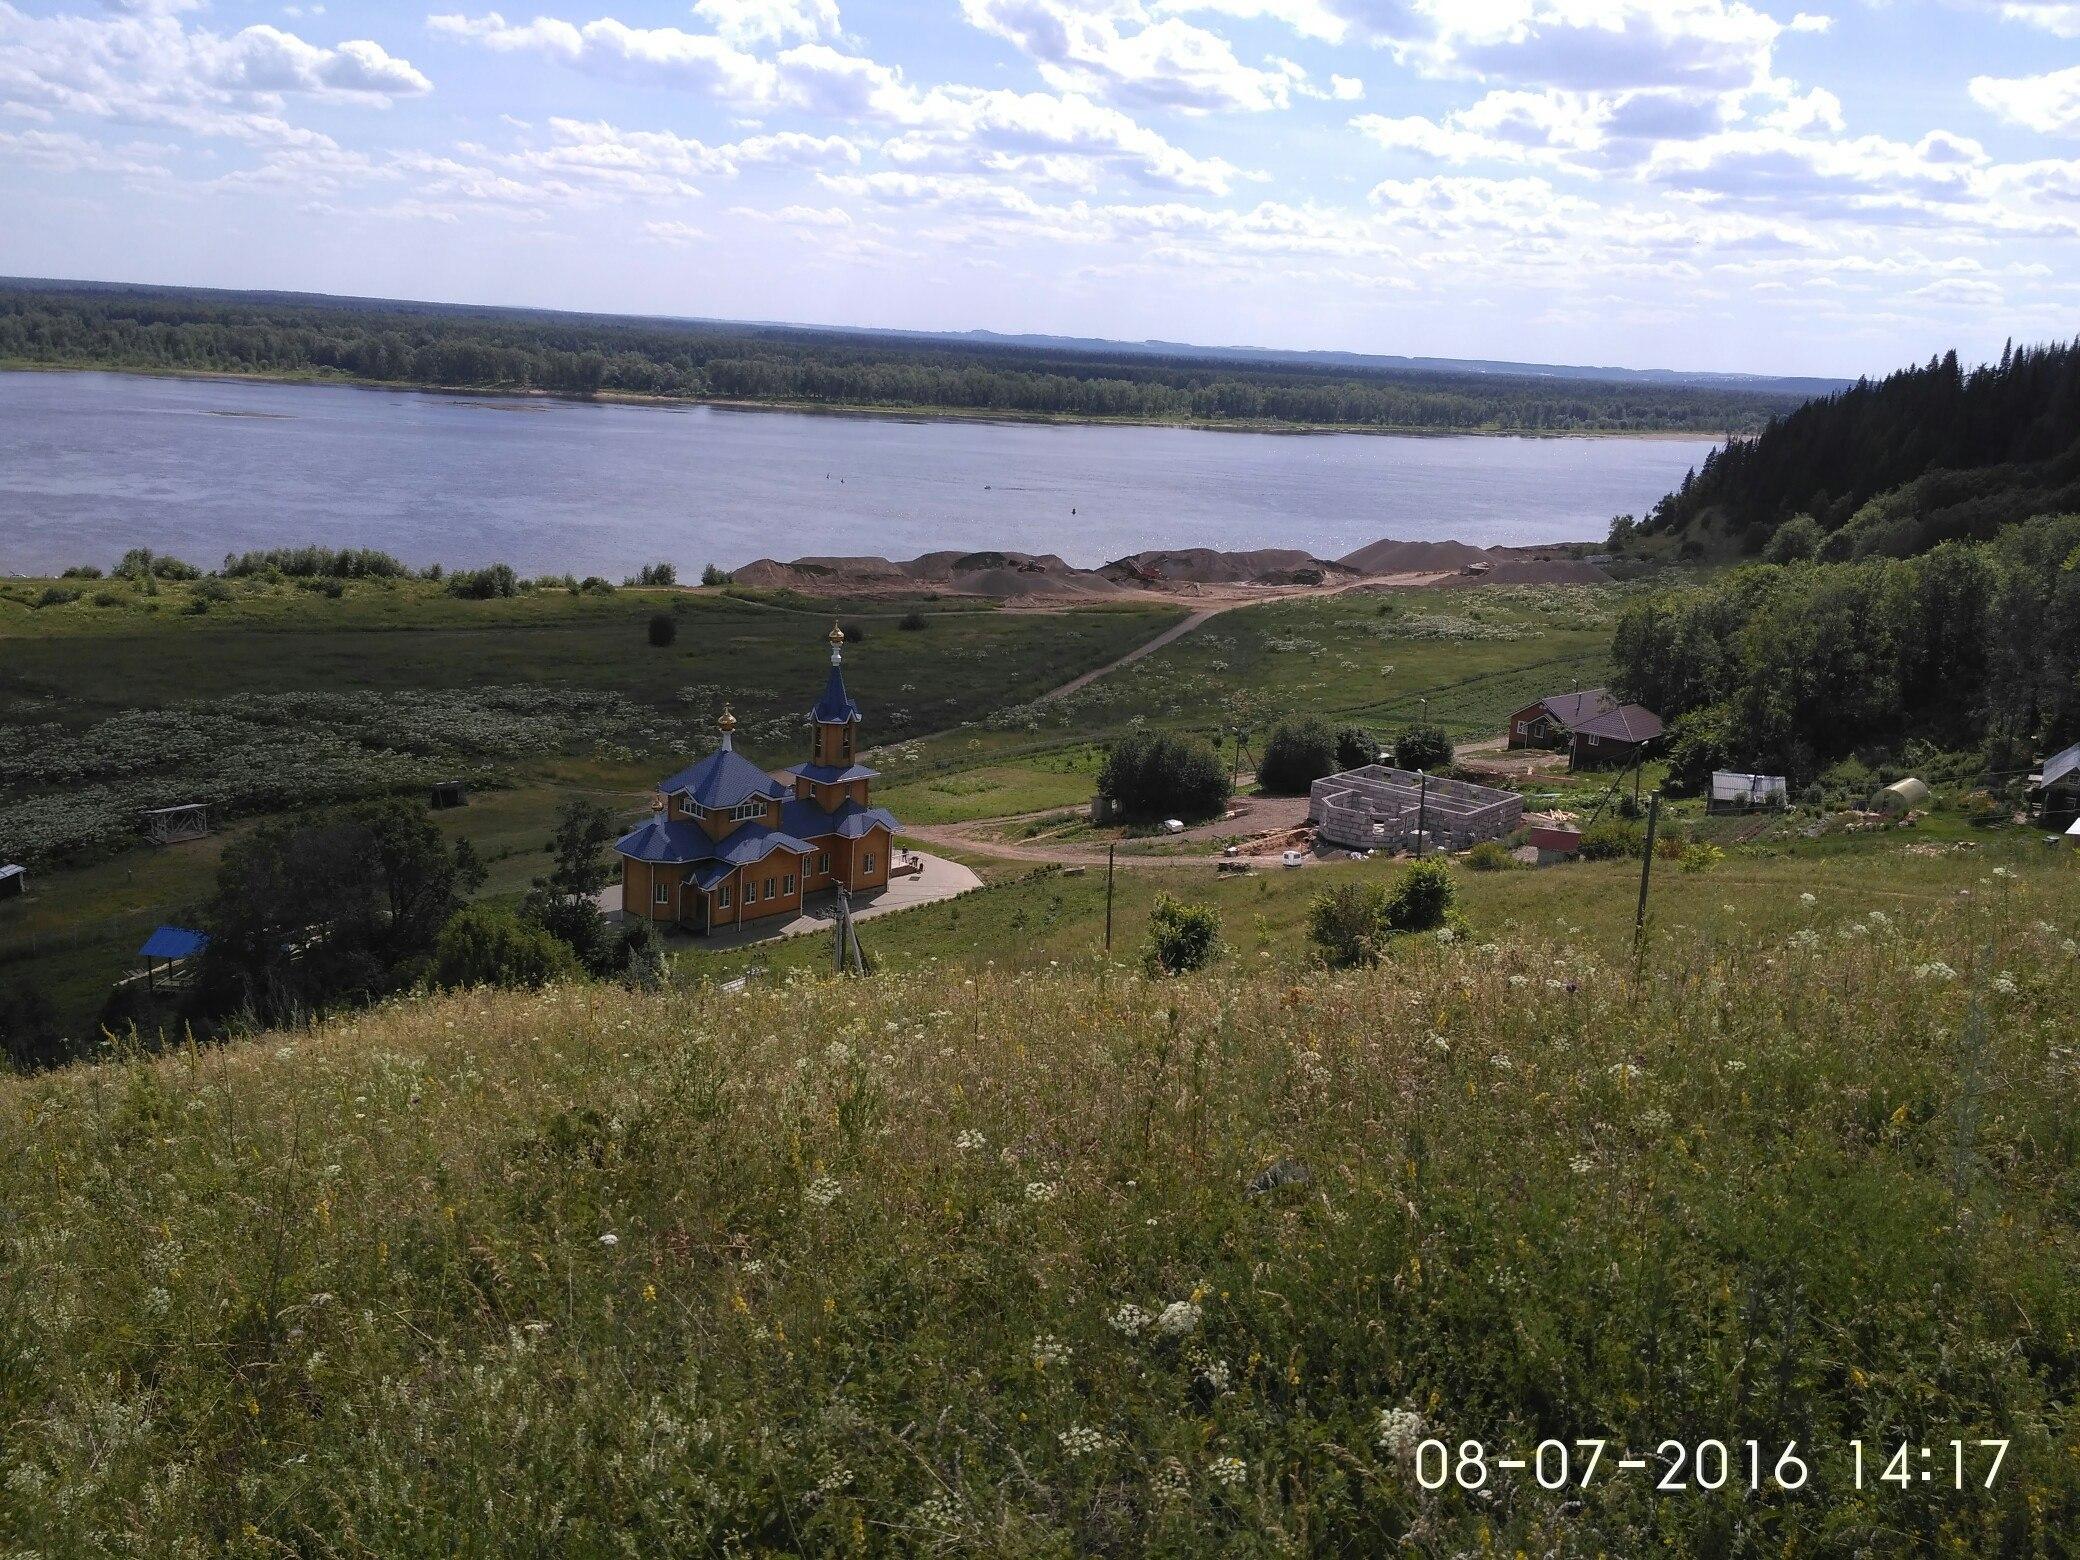 Фото: Vk.com(Николай Зылев)